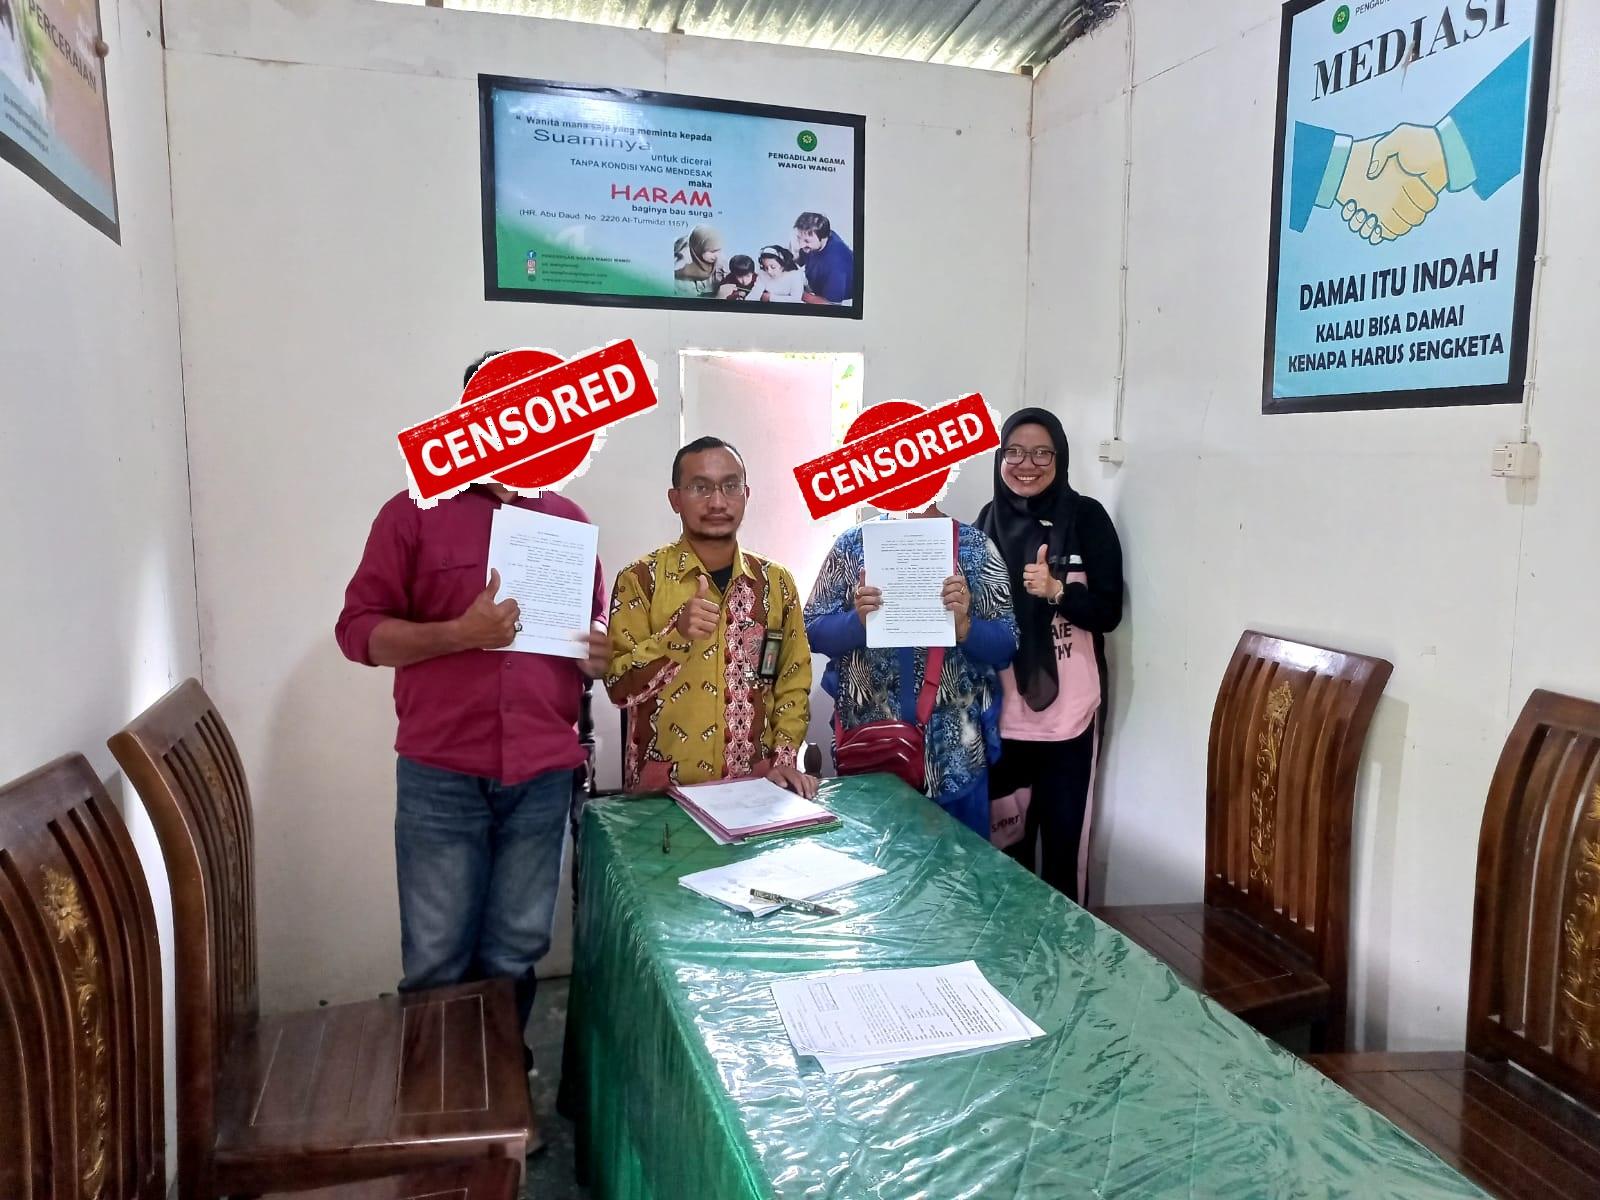 Hakim Mediator Pengadilan Agama Wangi Wangi Berhasil Mendamaikan Perkara Harta Bersama   (24/9)